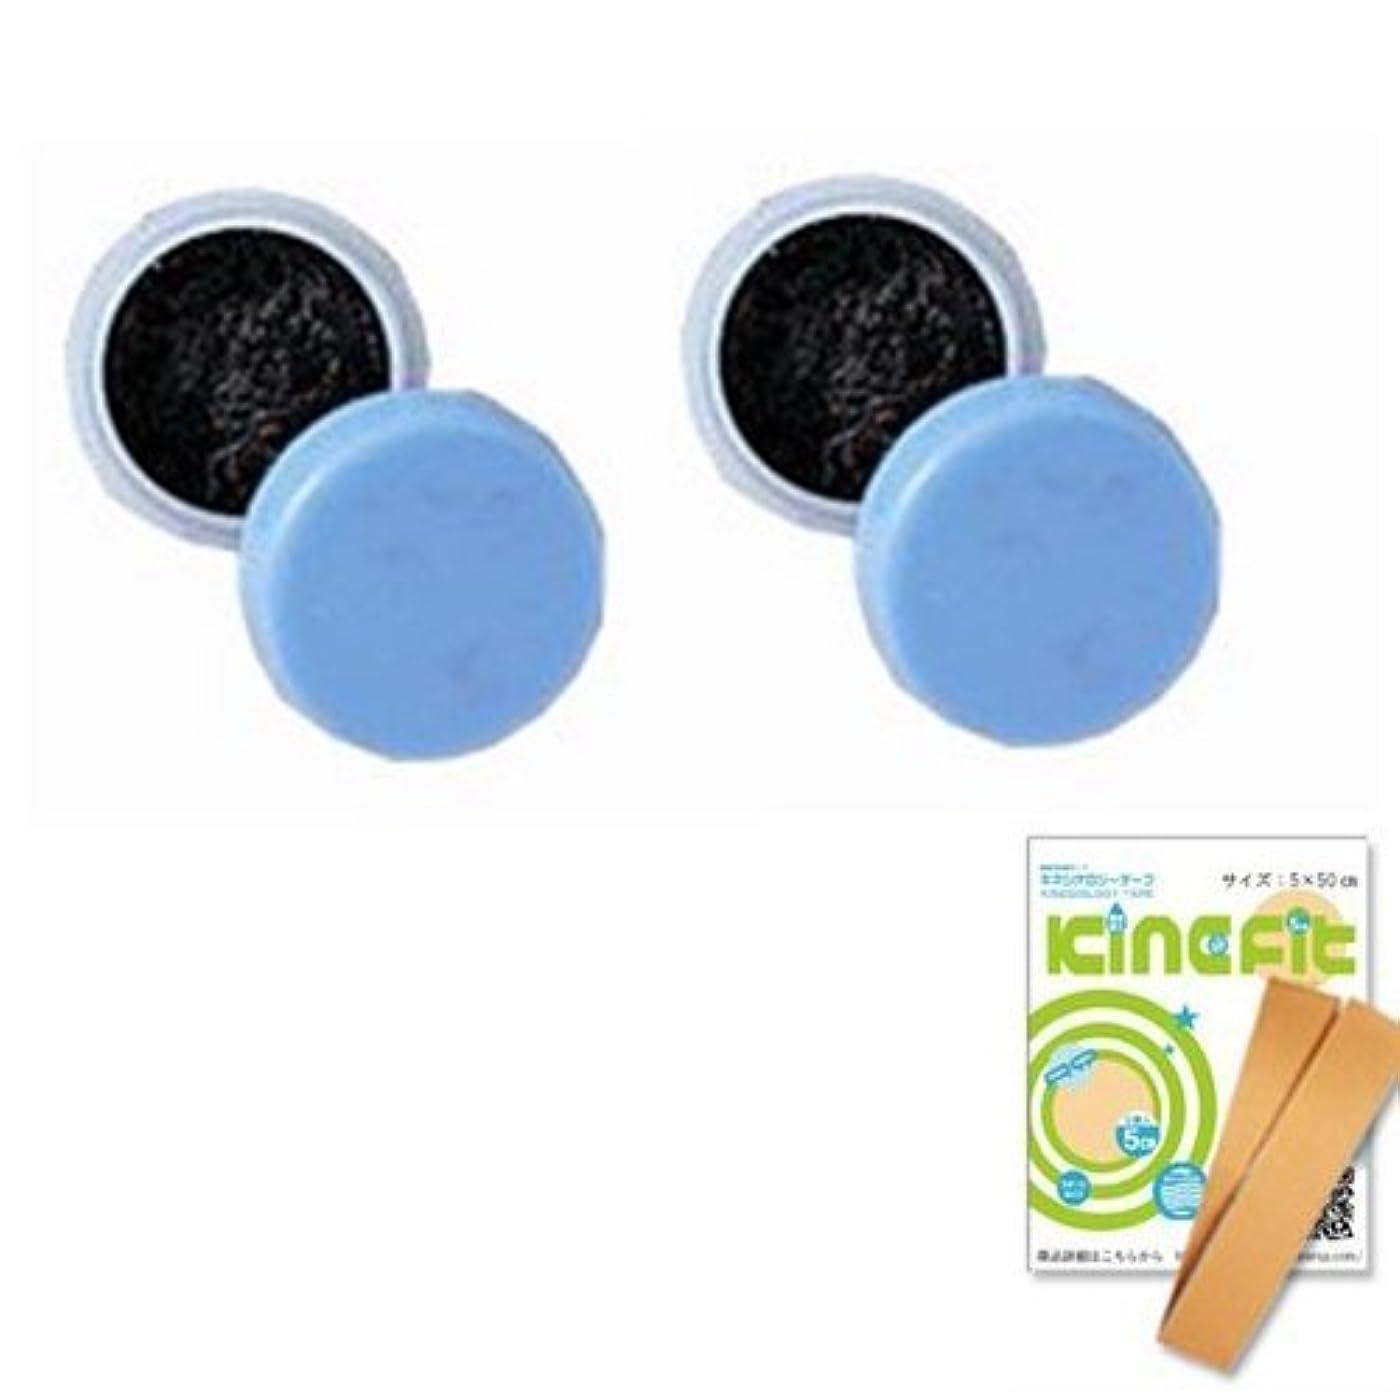 ウガンダサイトみすぼらしい灸点スミ(SO-227)×2個セット + お試し用キネシオロジーテープ キネフィット50cm セット ※灸点棒は含まれません。